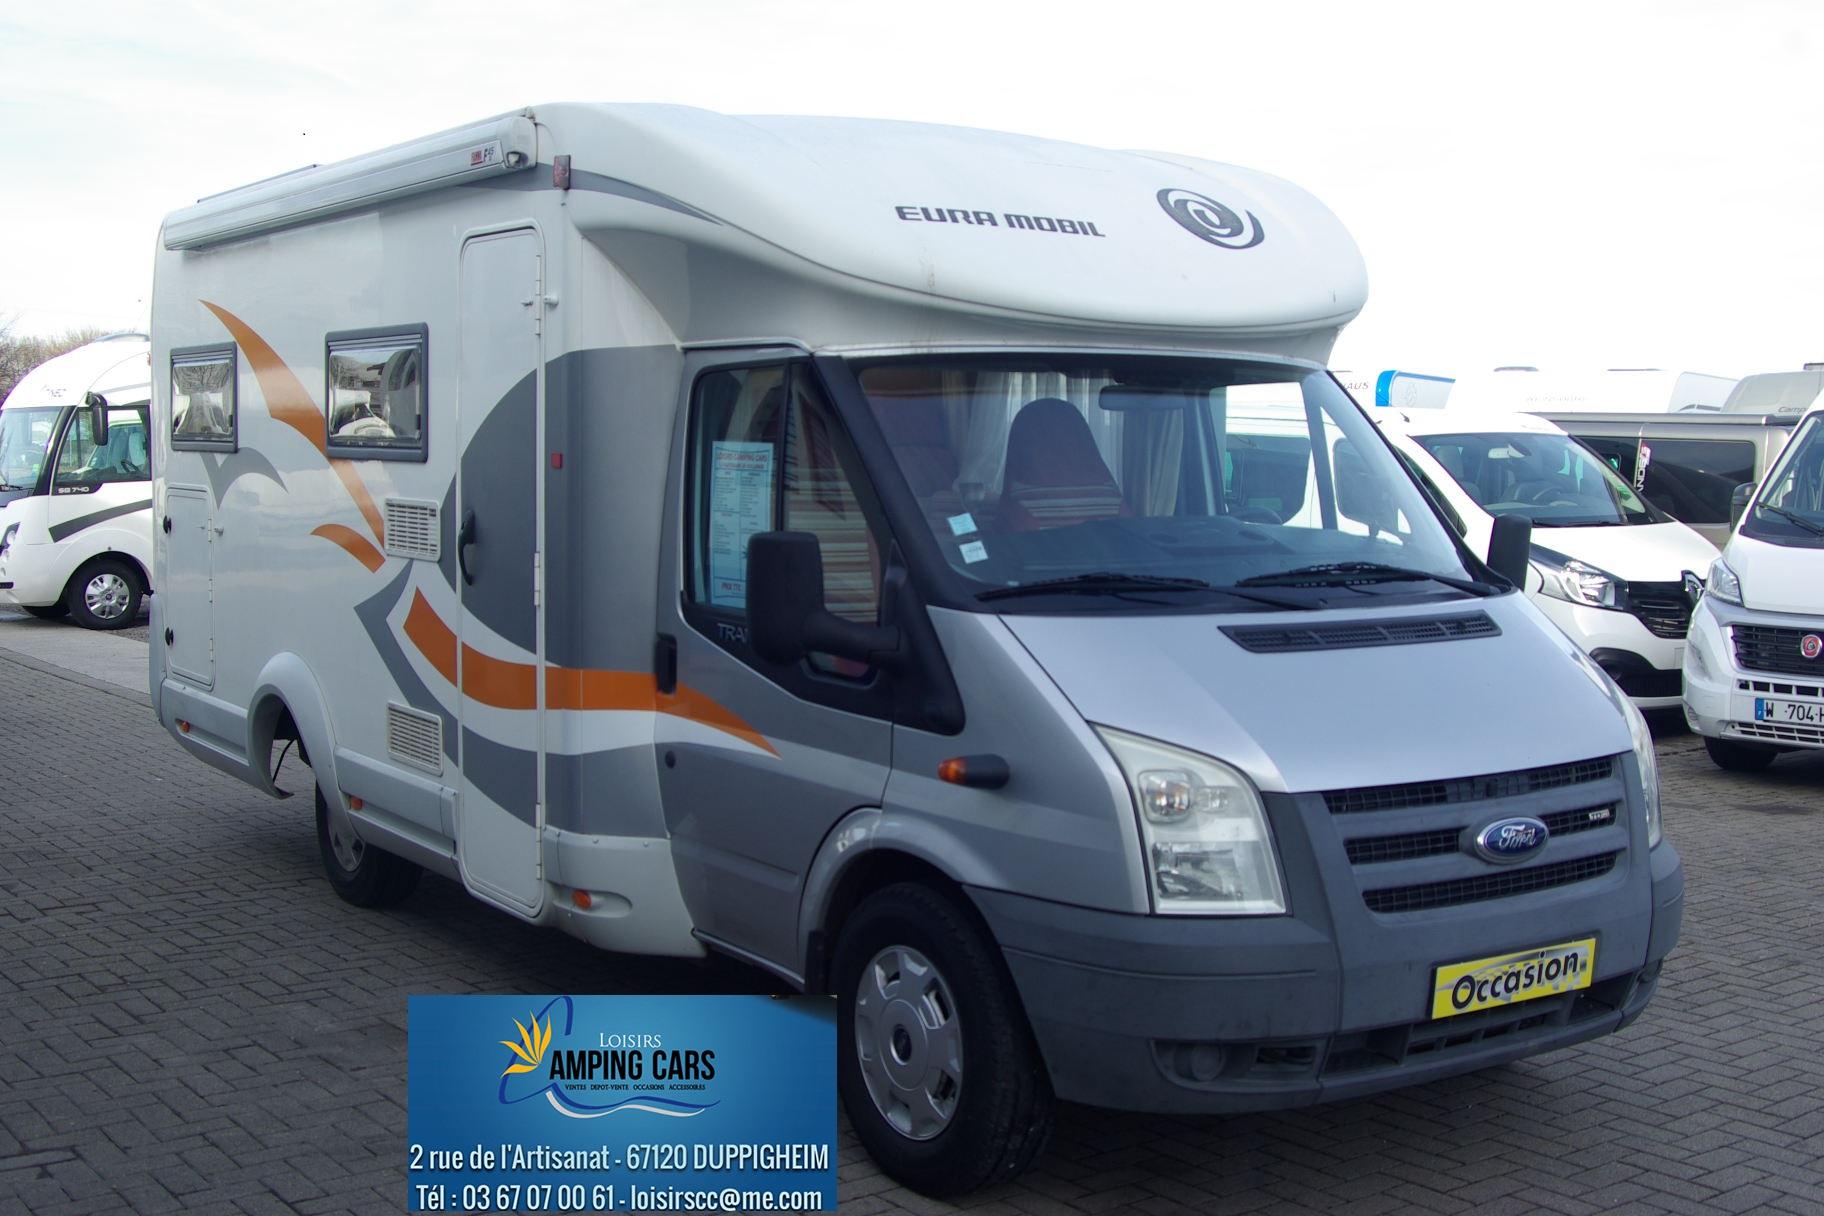 eura mobil t 662 hb occasion porteur ford 2 2l 125cv camping car vendre en rhin 67 ref 78429. Black Bedroom Furniture Sets. Home Design Ideas